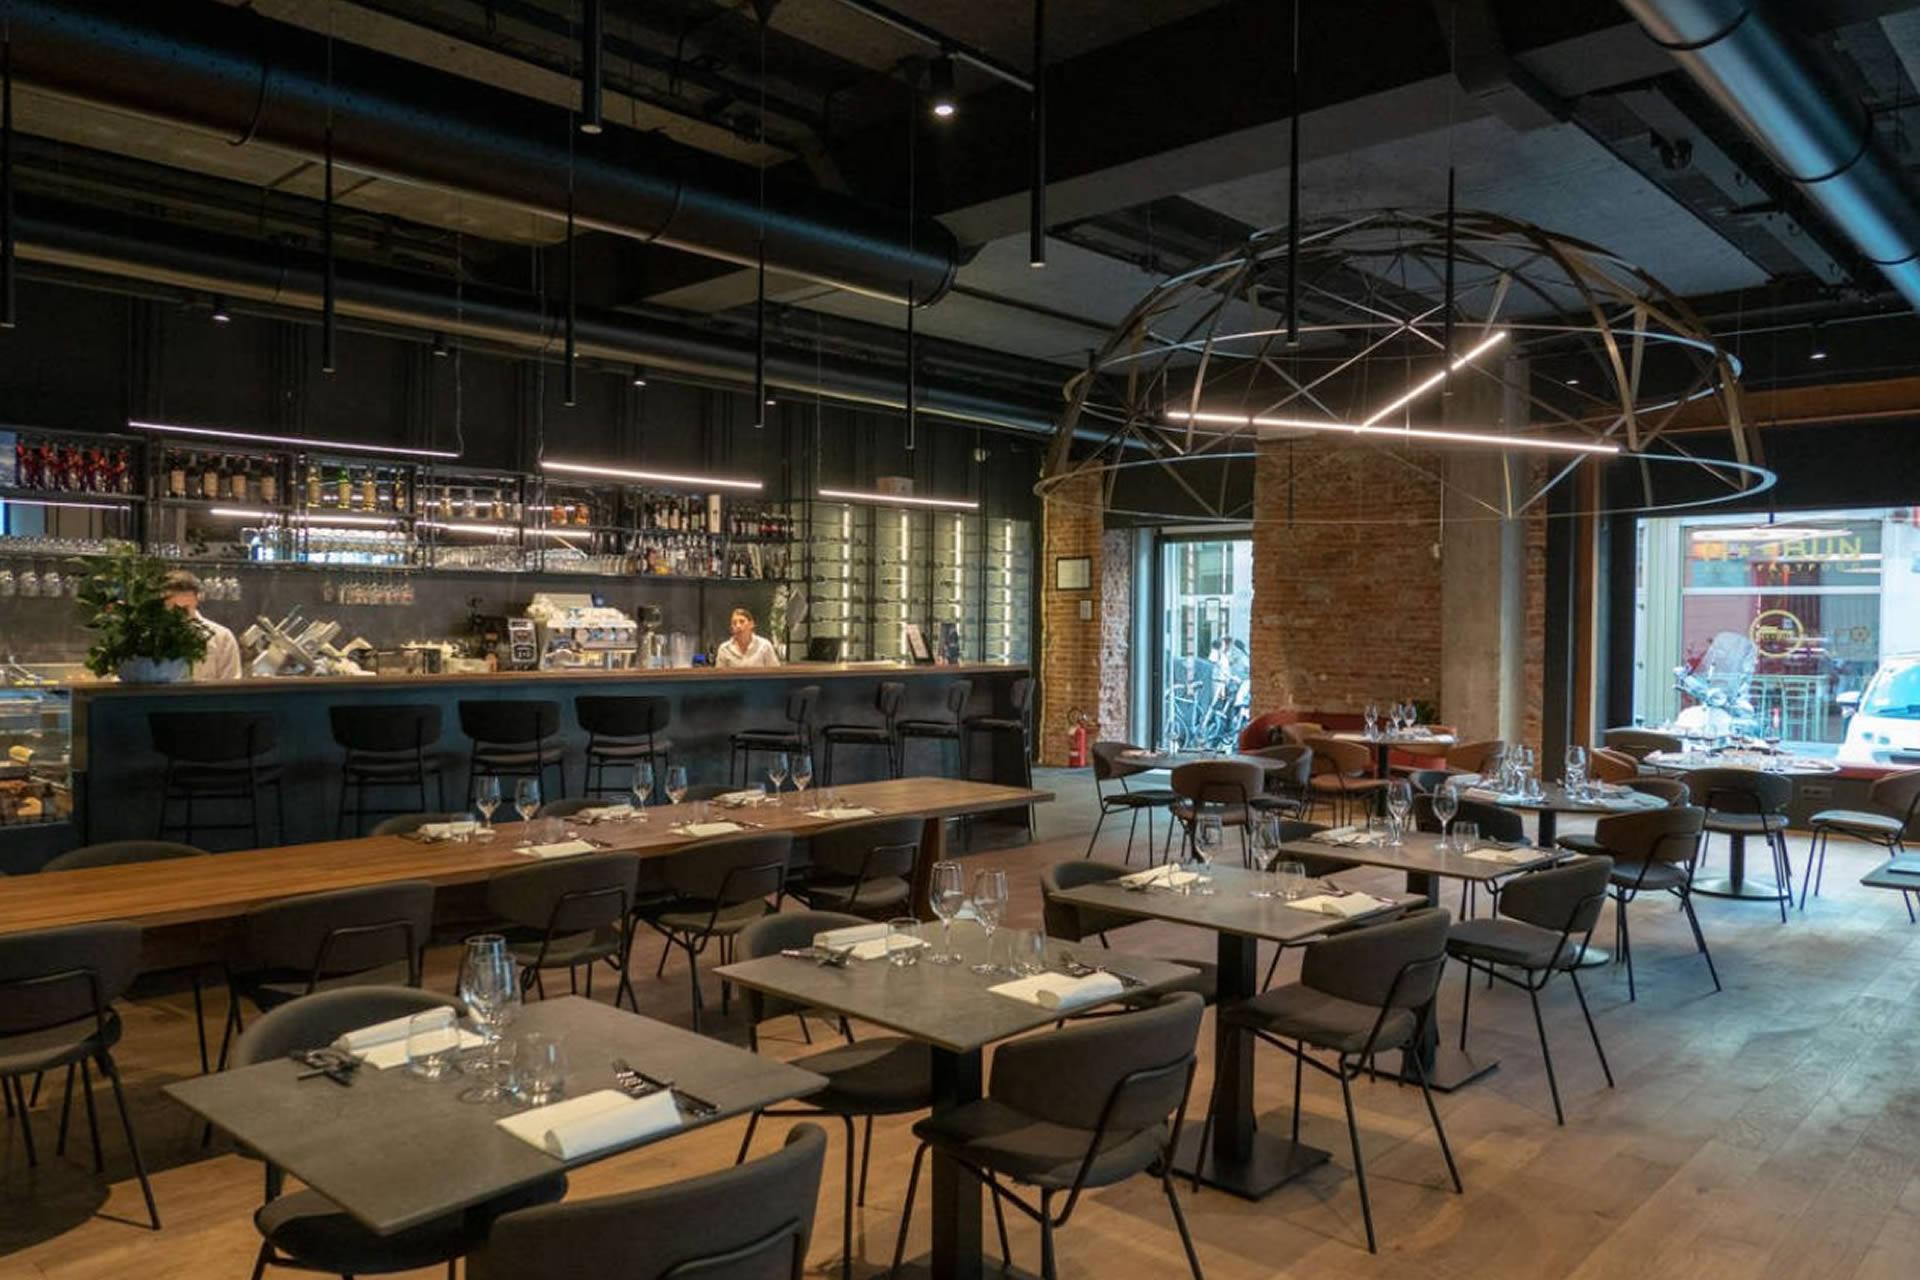 Hotel con ristorante torino cucina tipica piemontese - Cucina tipica piemontese torino ...